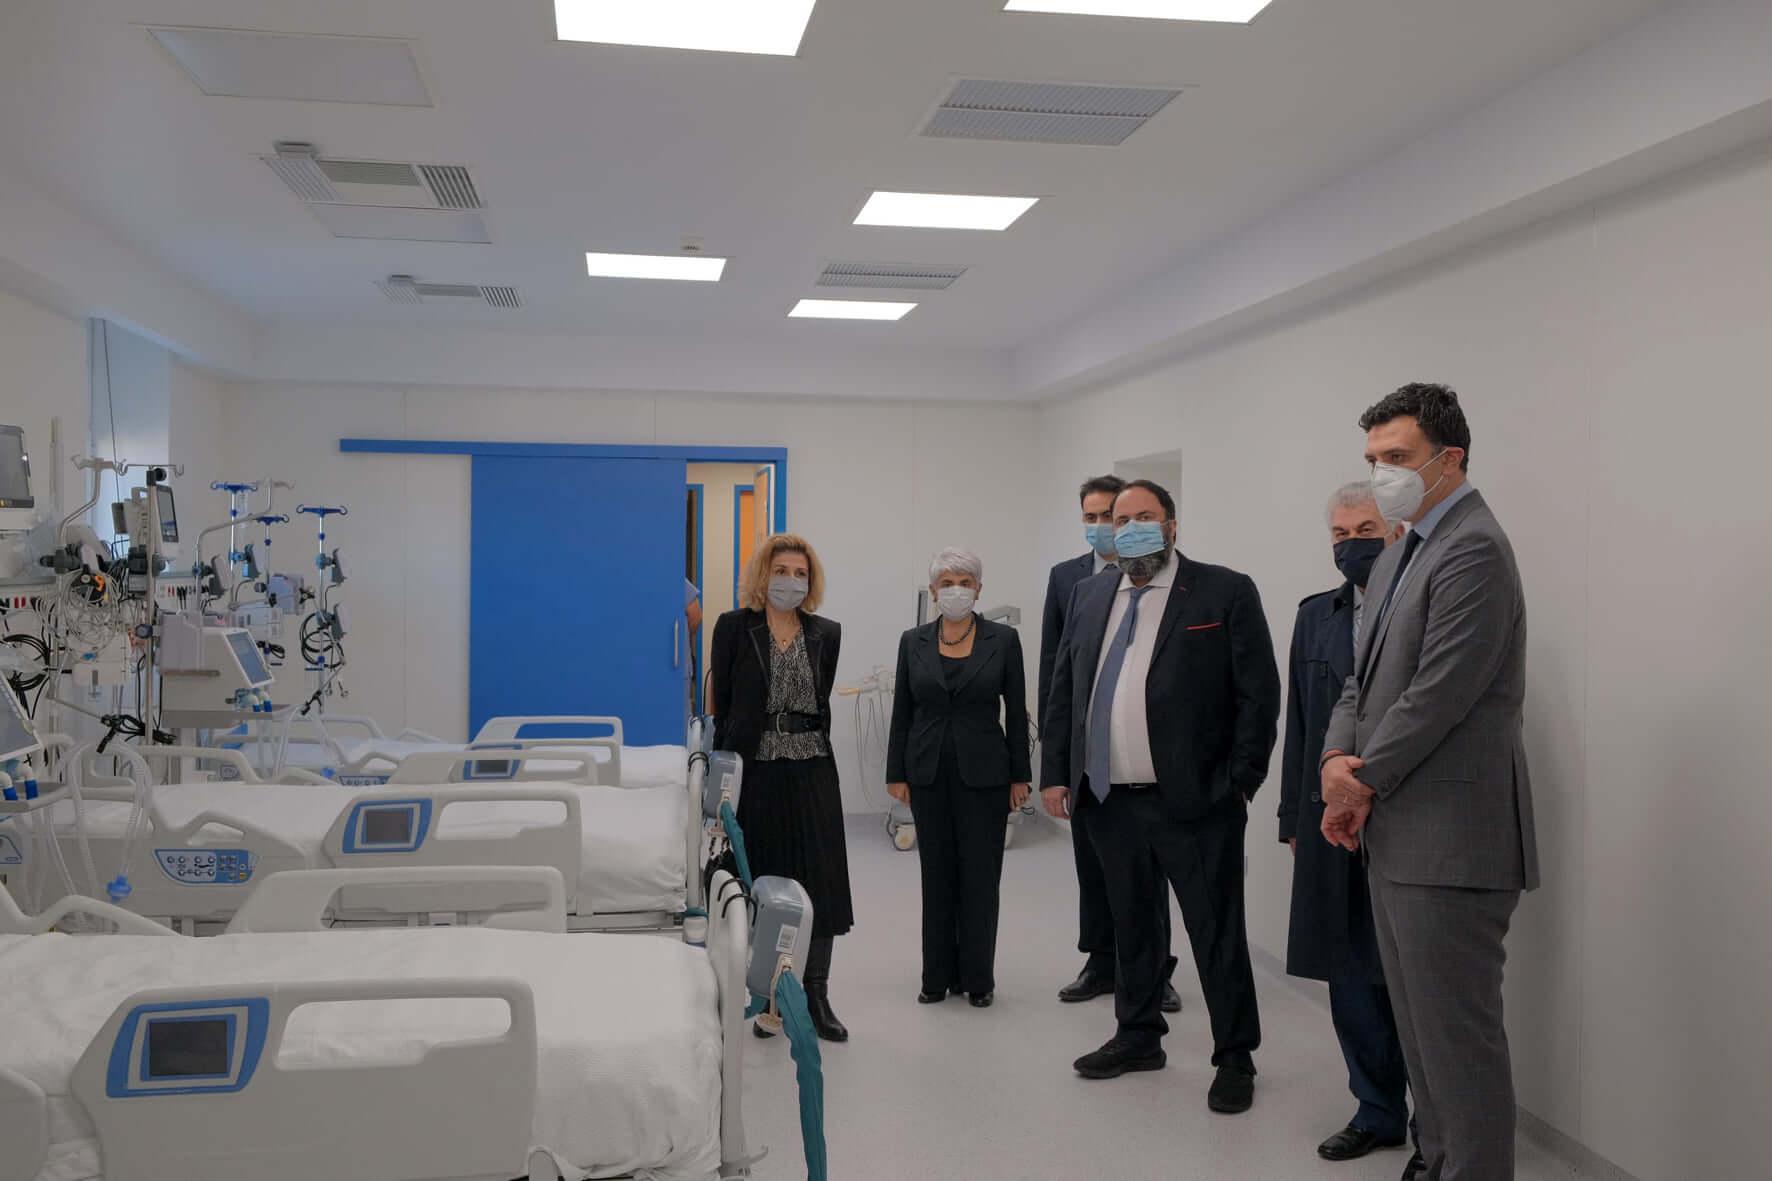 Βαγγέλης Μαρινάκης : «Ευχαριστώ όλους τους γιατρούς του Ε.Σ.Υ. και το σύστημα Υγείας»